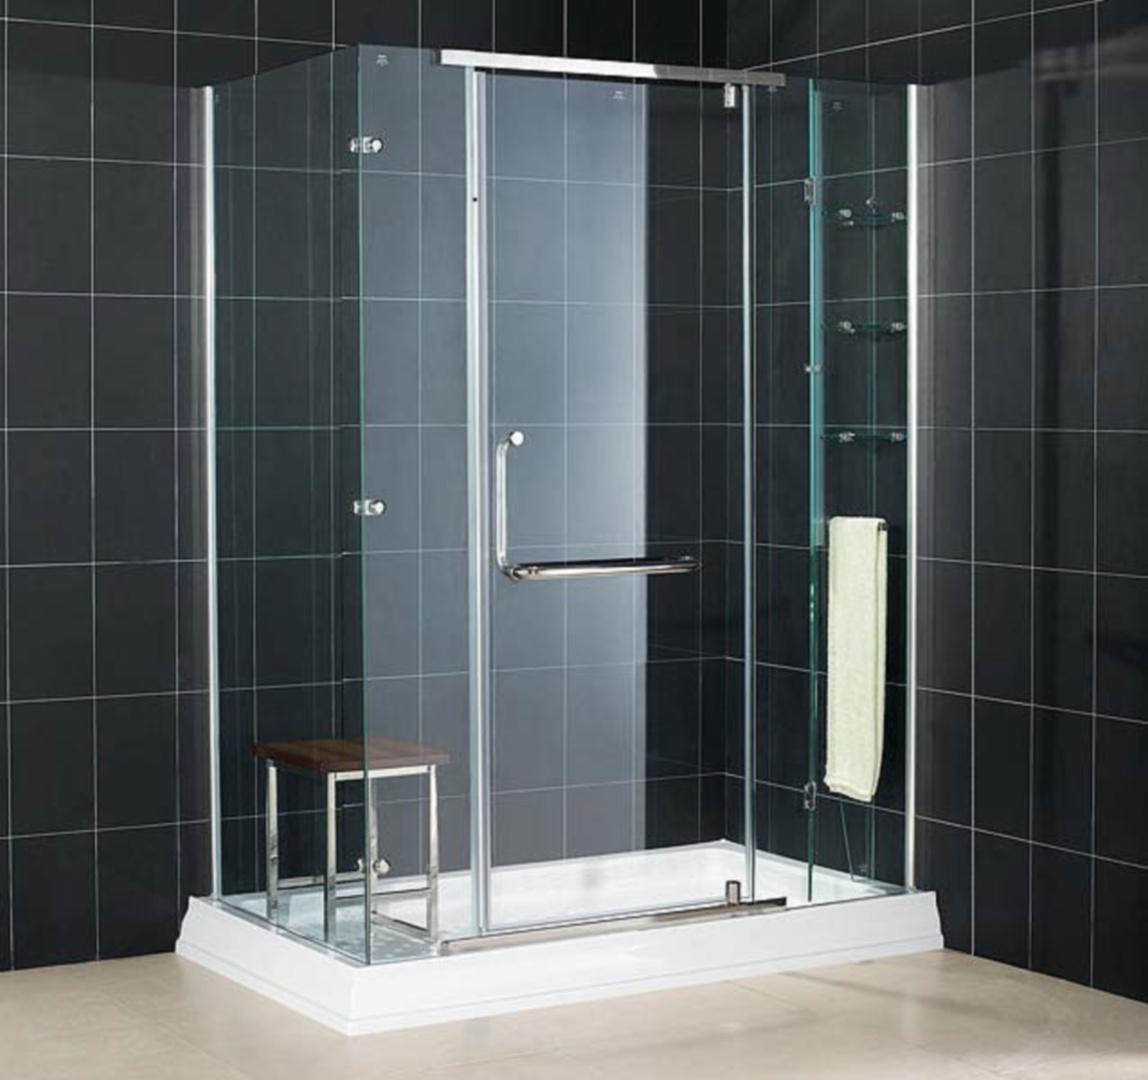 Bathroom Tile Design Ideas to Avoid the Culture